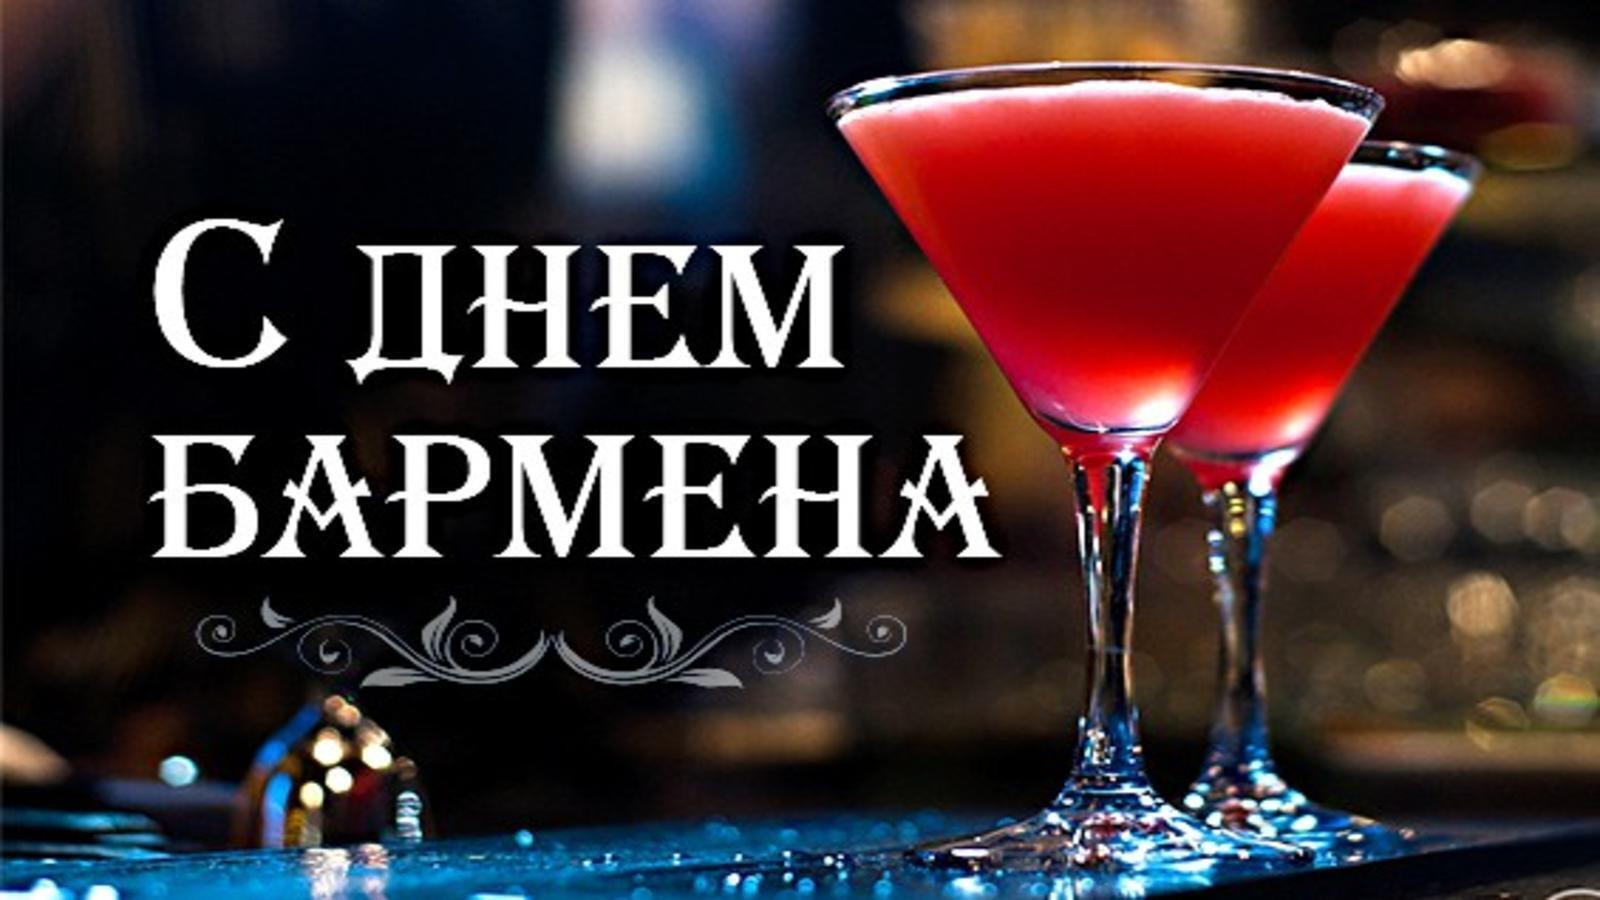 Привітання з Днем бармена